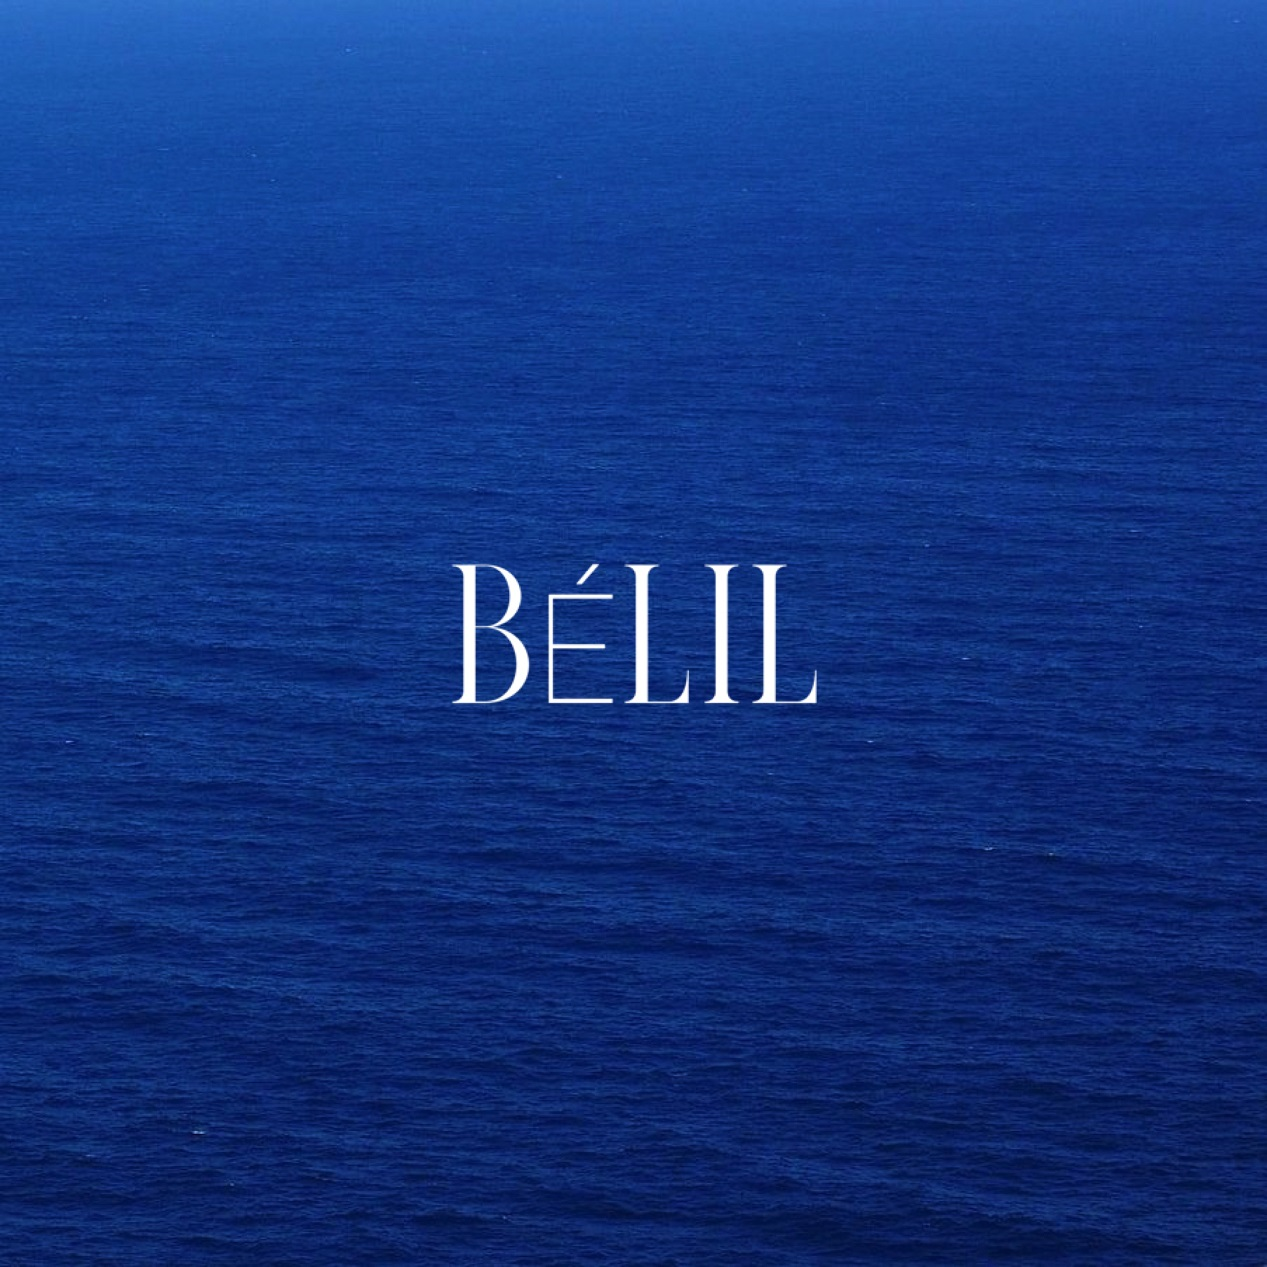 pochette de disque groupe français Bélil